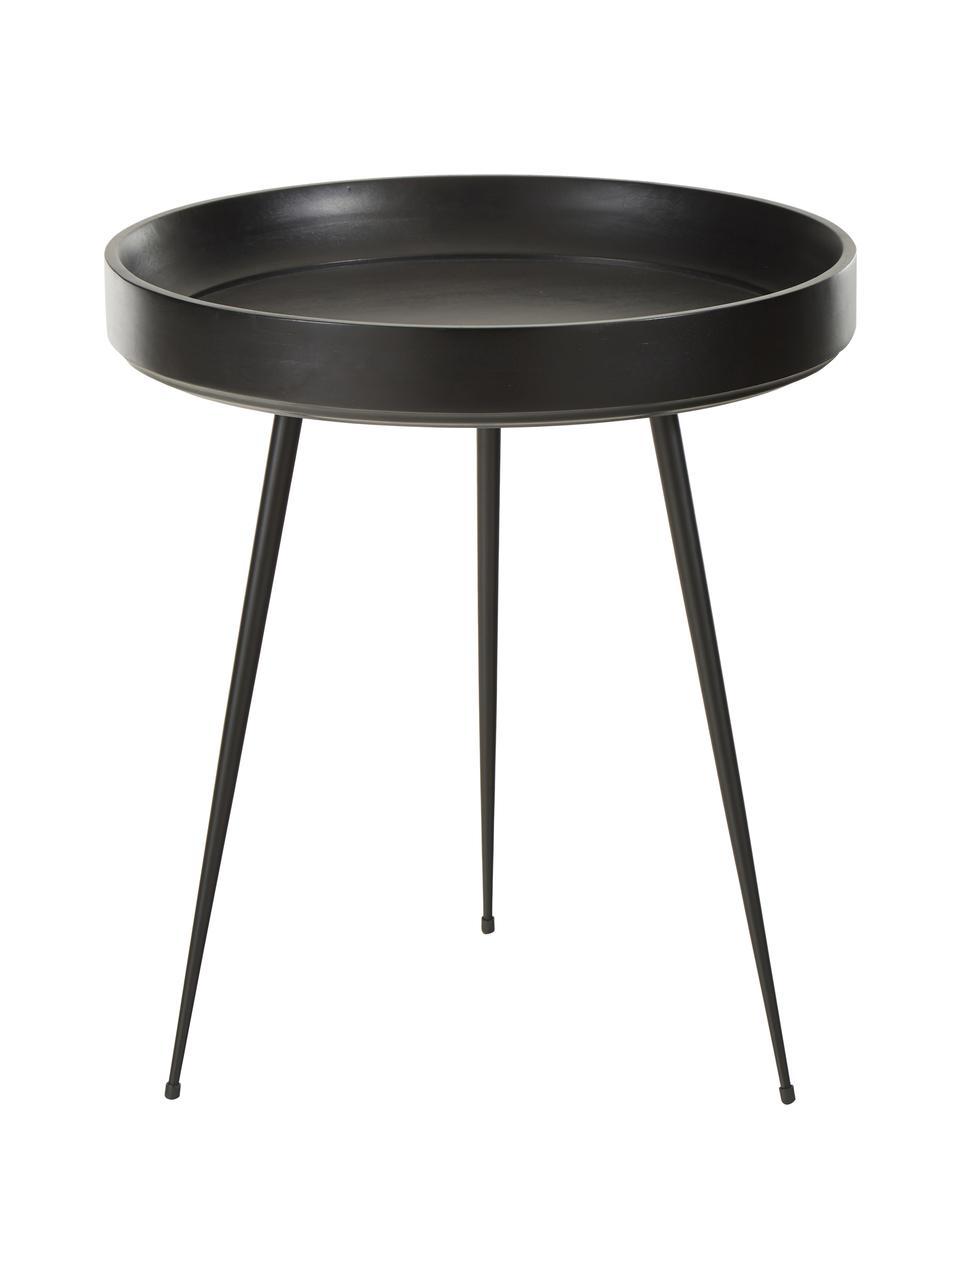 Tavolino in legno di mango Bowl Table, Piano d'appoggio: legno di mango verniciato, Gambe: acciaio verniciato a polv, Nero, Ø 46 x Alt. 52 cm